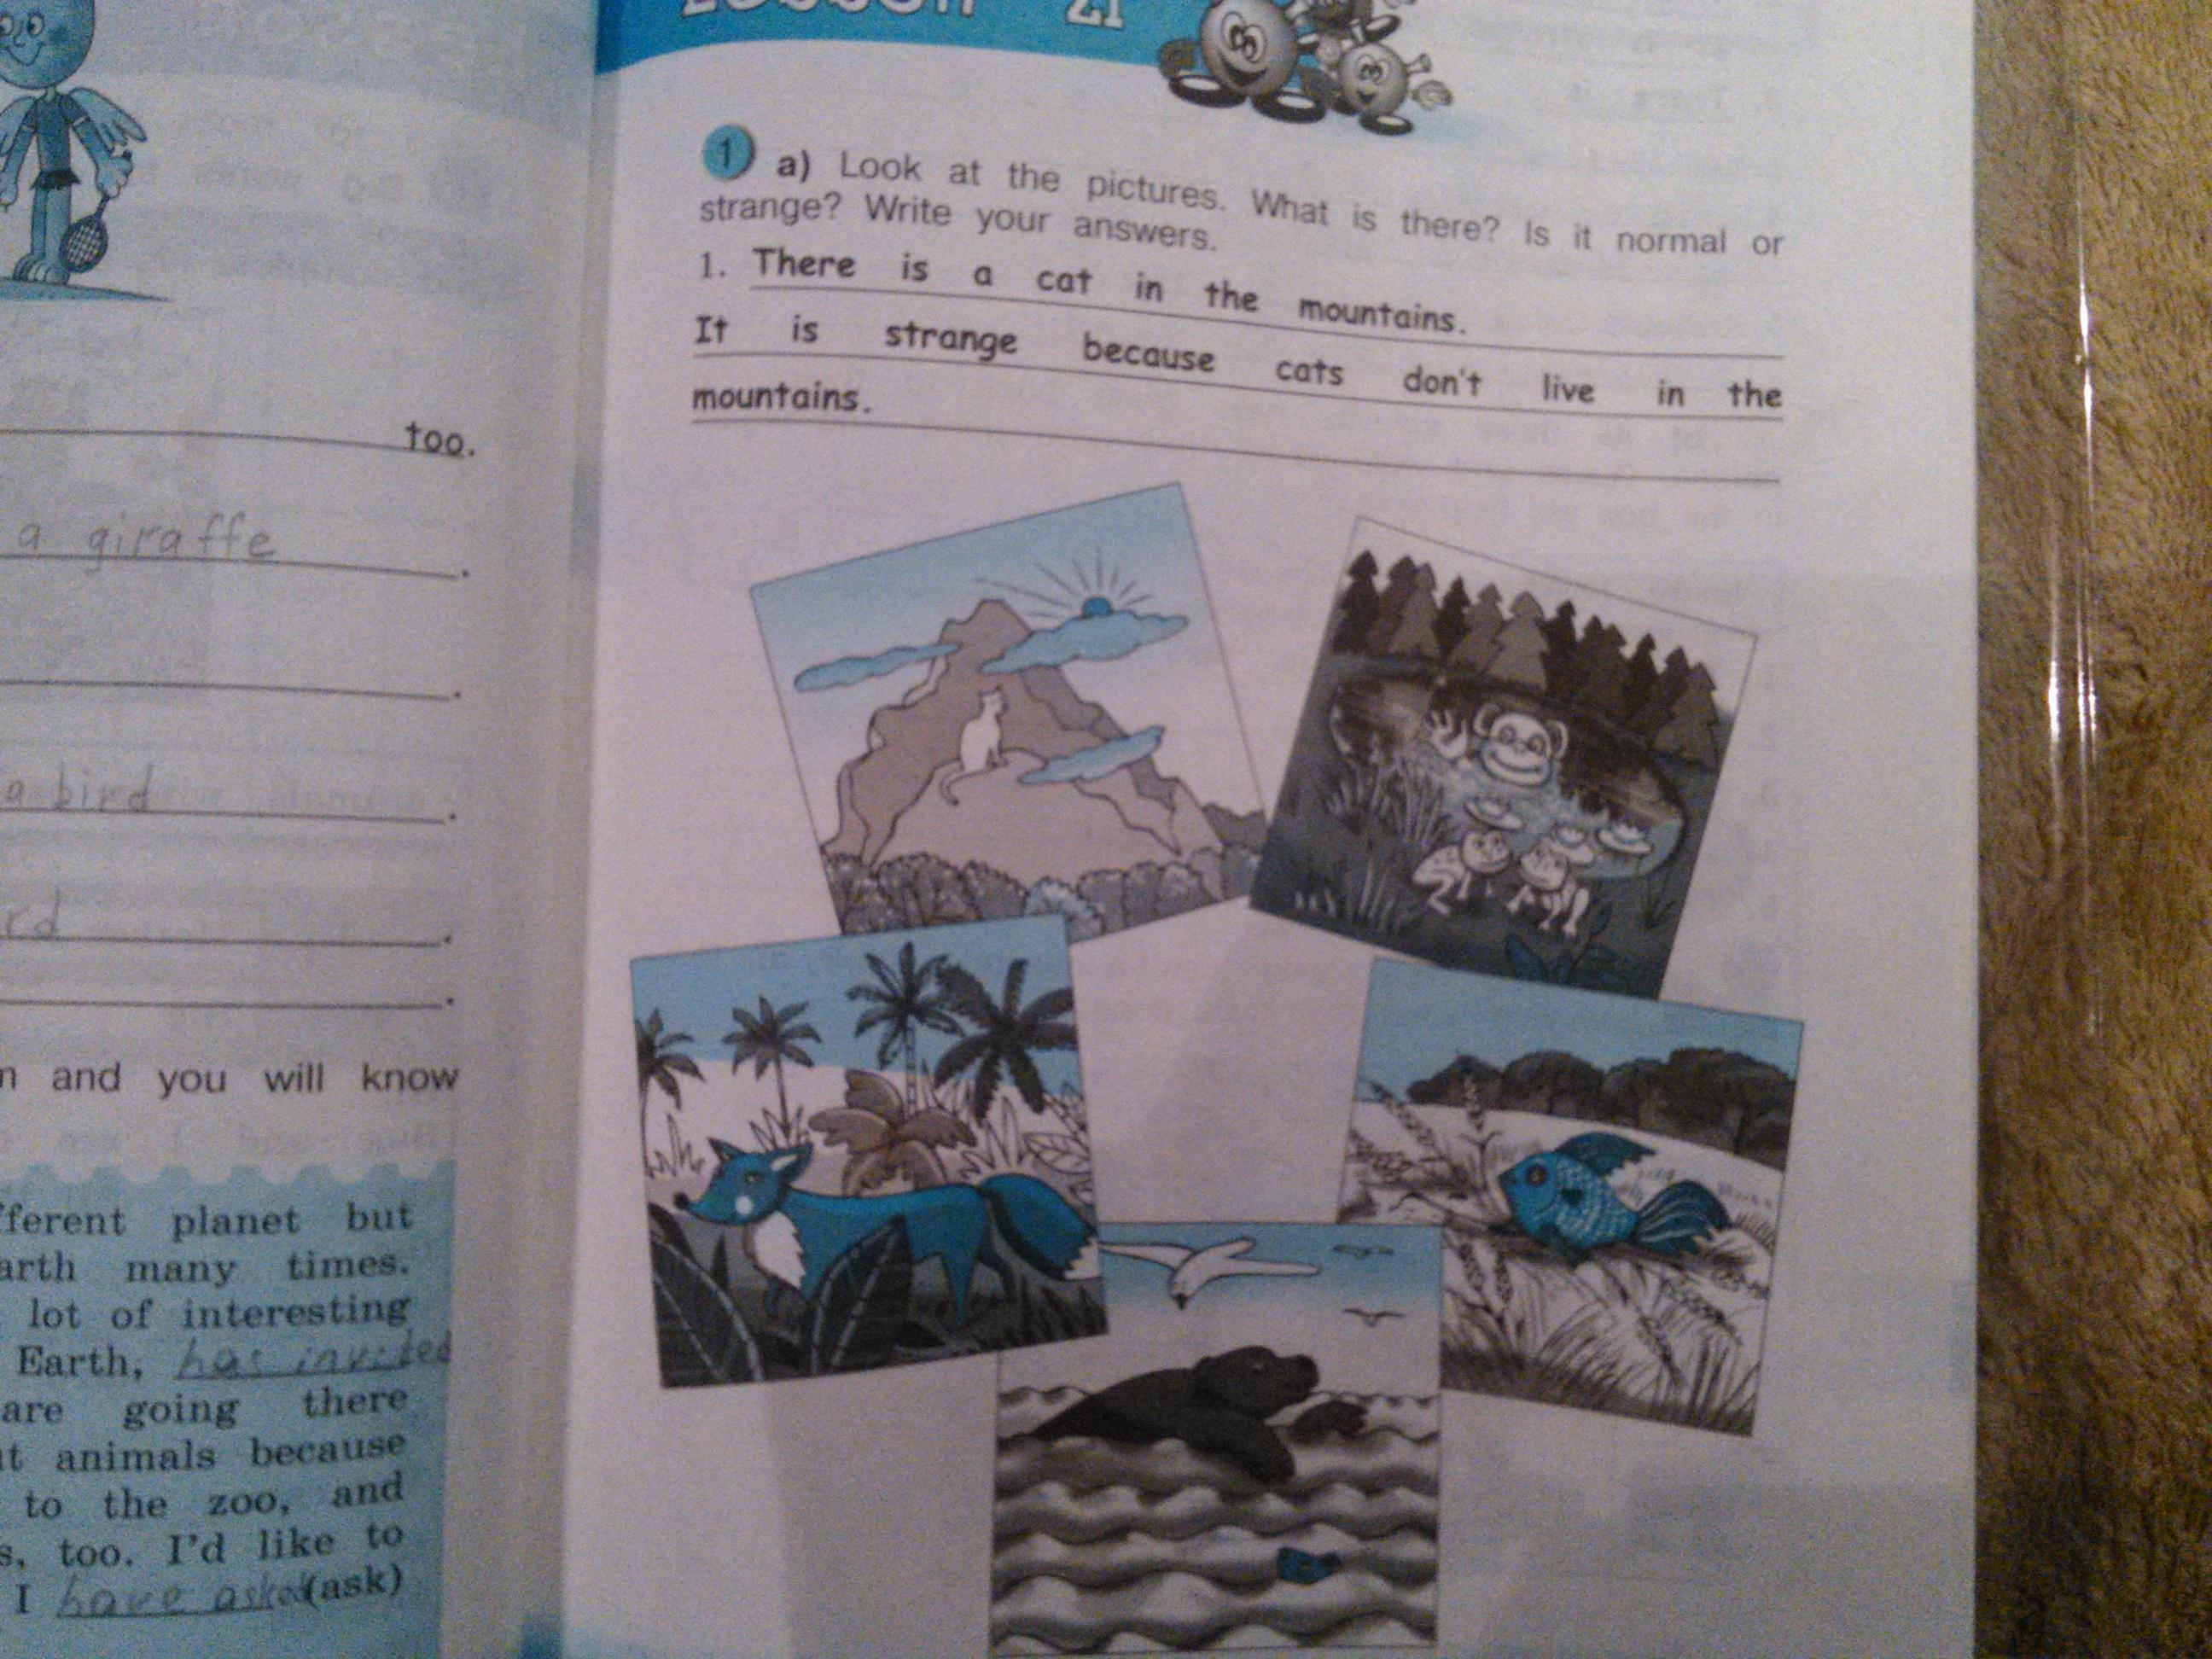 скачать тер-минасова книга для учителя 4 класс бесплатно